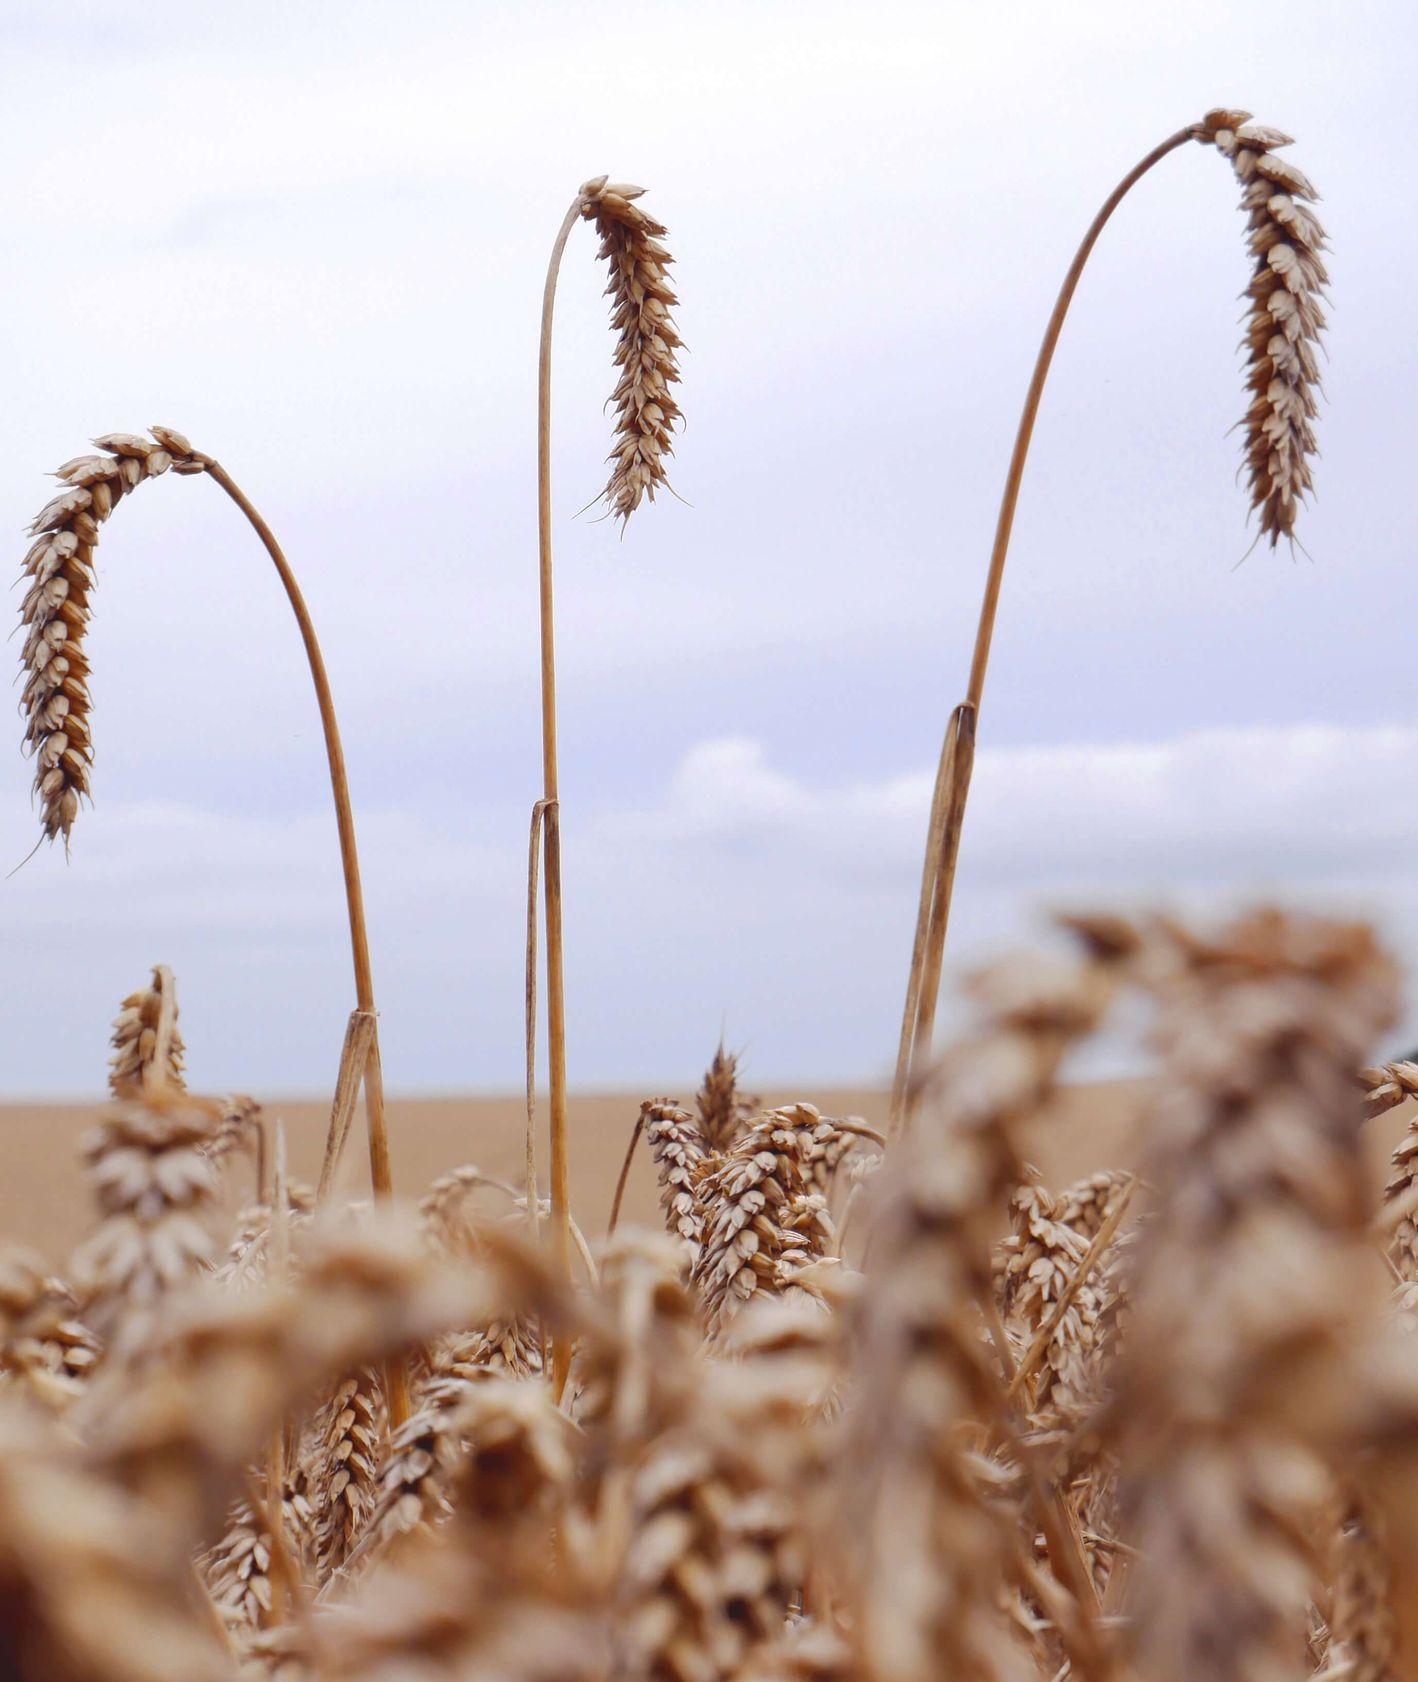 Kłosy pszenicy (fot. carl Newton)